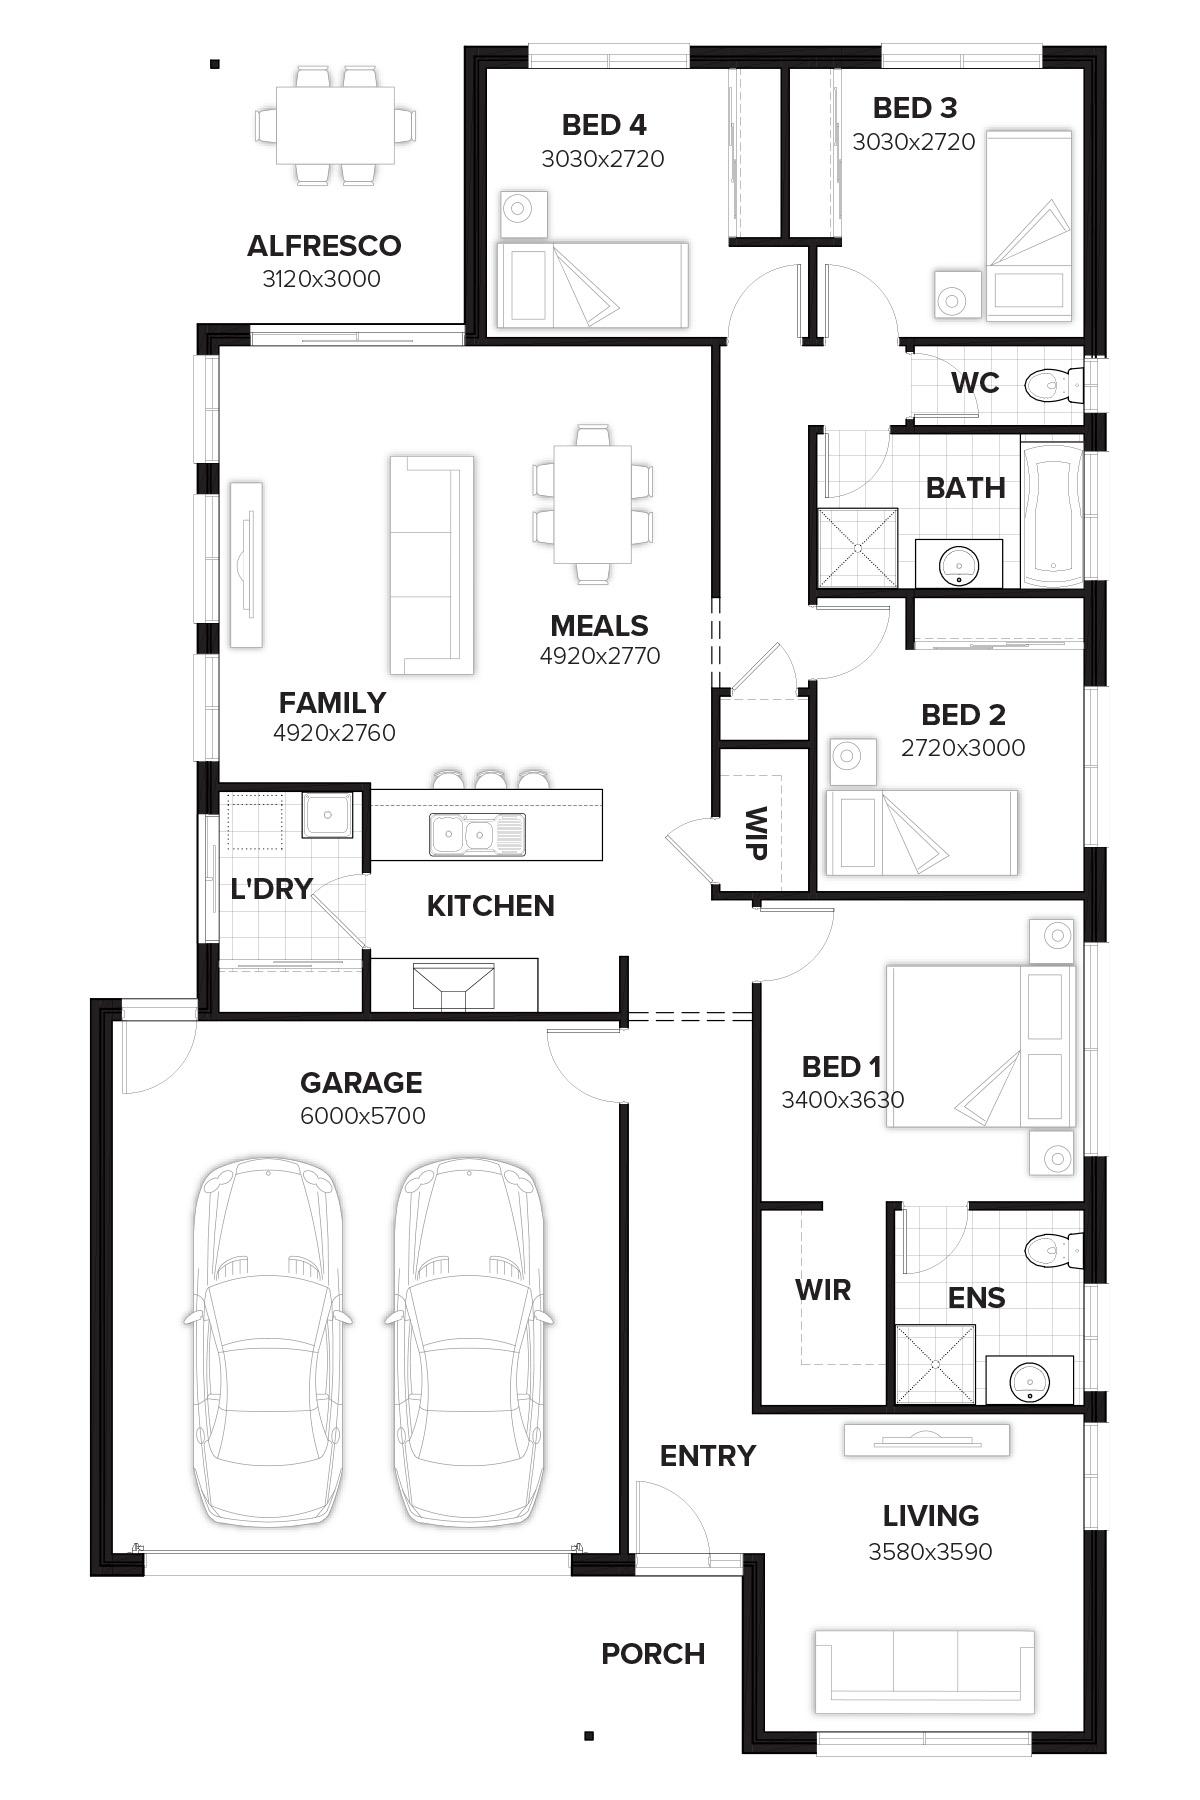 Wilshire 194 new home design by burbank queensland for Wilshire homes floor plans